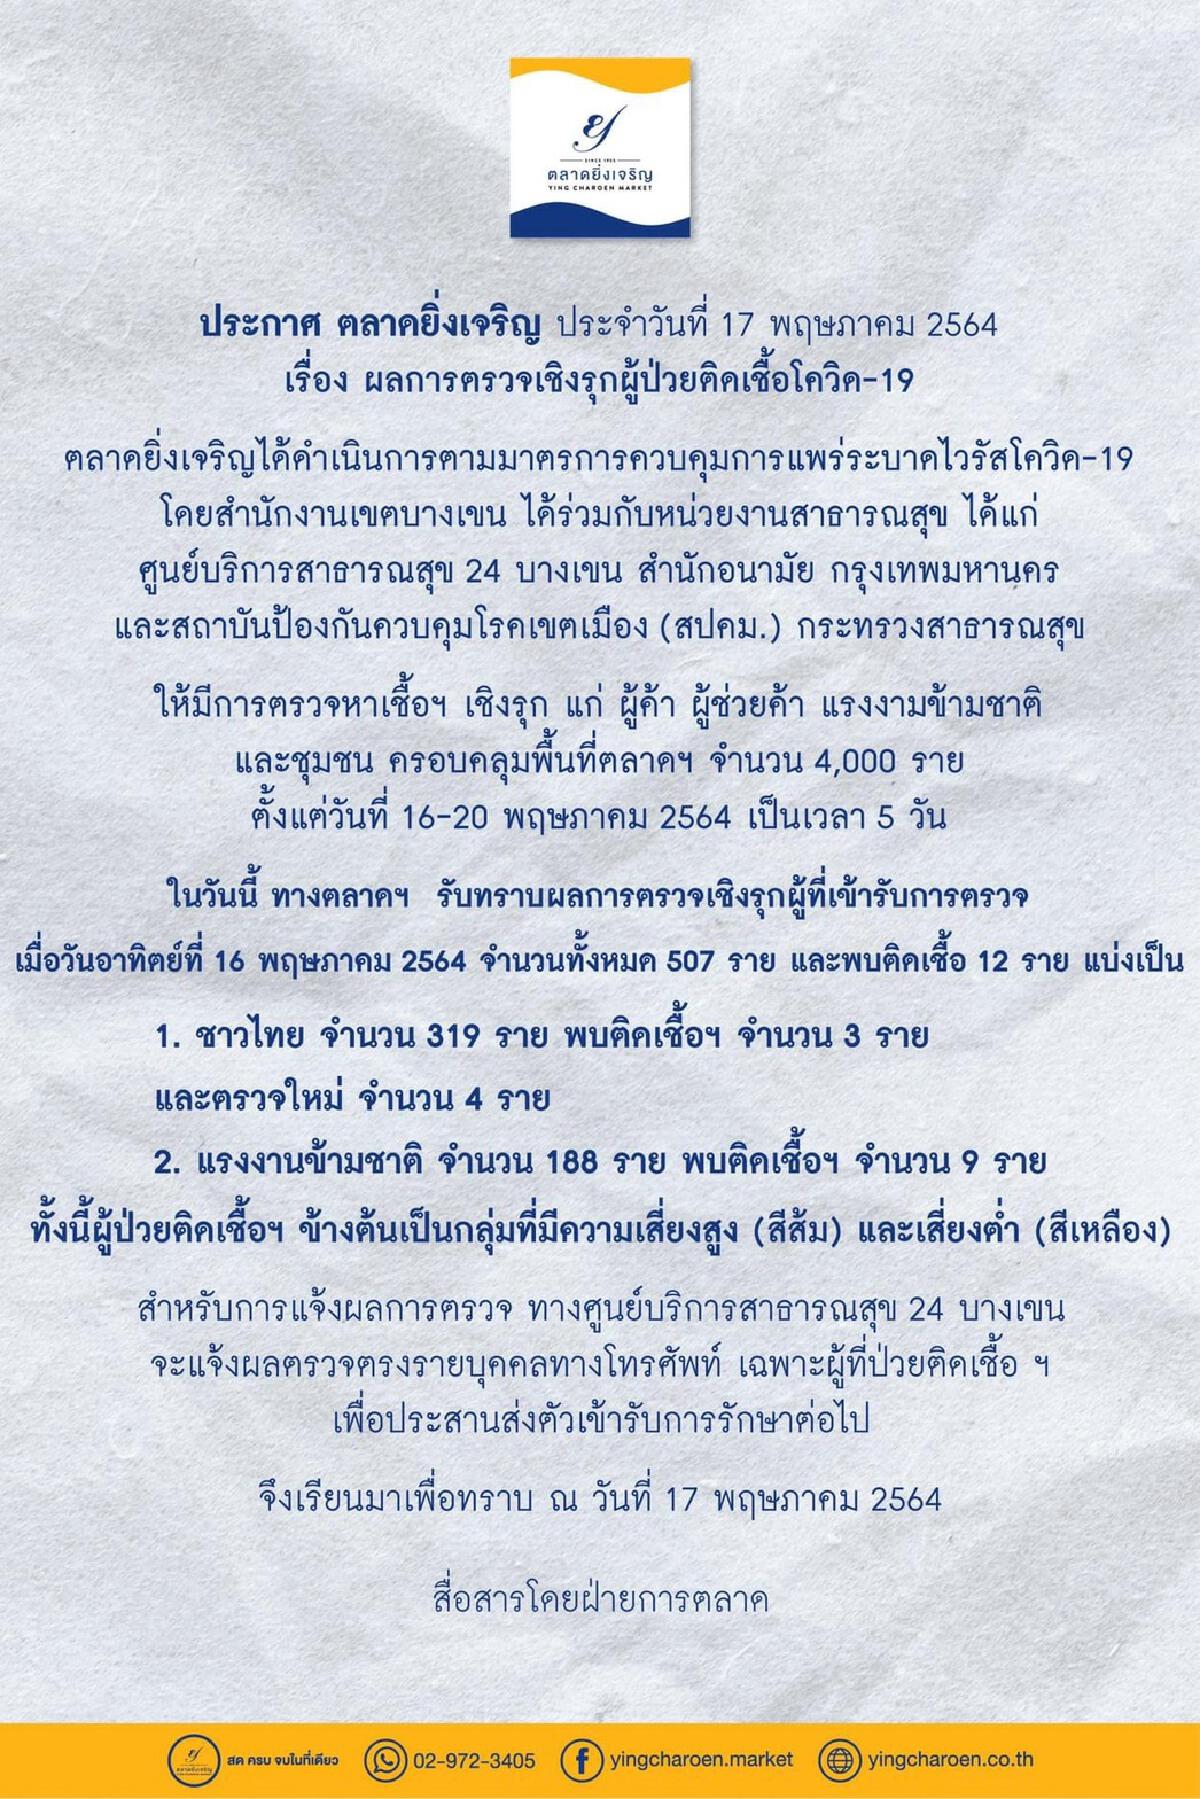 ตลาดยิ่งเจริญ ตรวจเชิงรุก พบติดโควิดเพิ่ม 12 ราย คนไทย 3 แรงงานข้ามชาติ 9 ราย